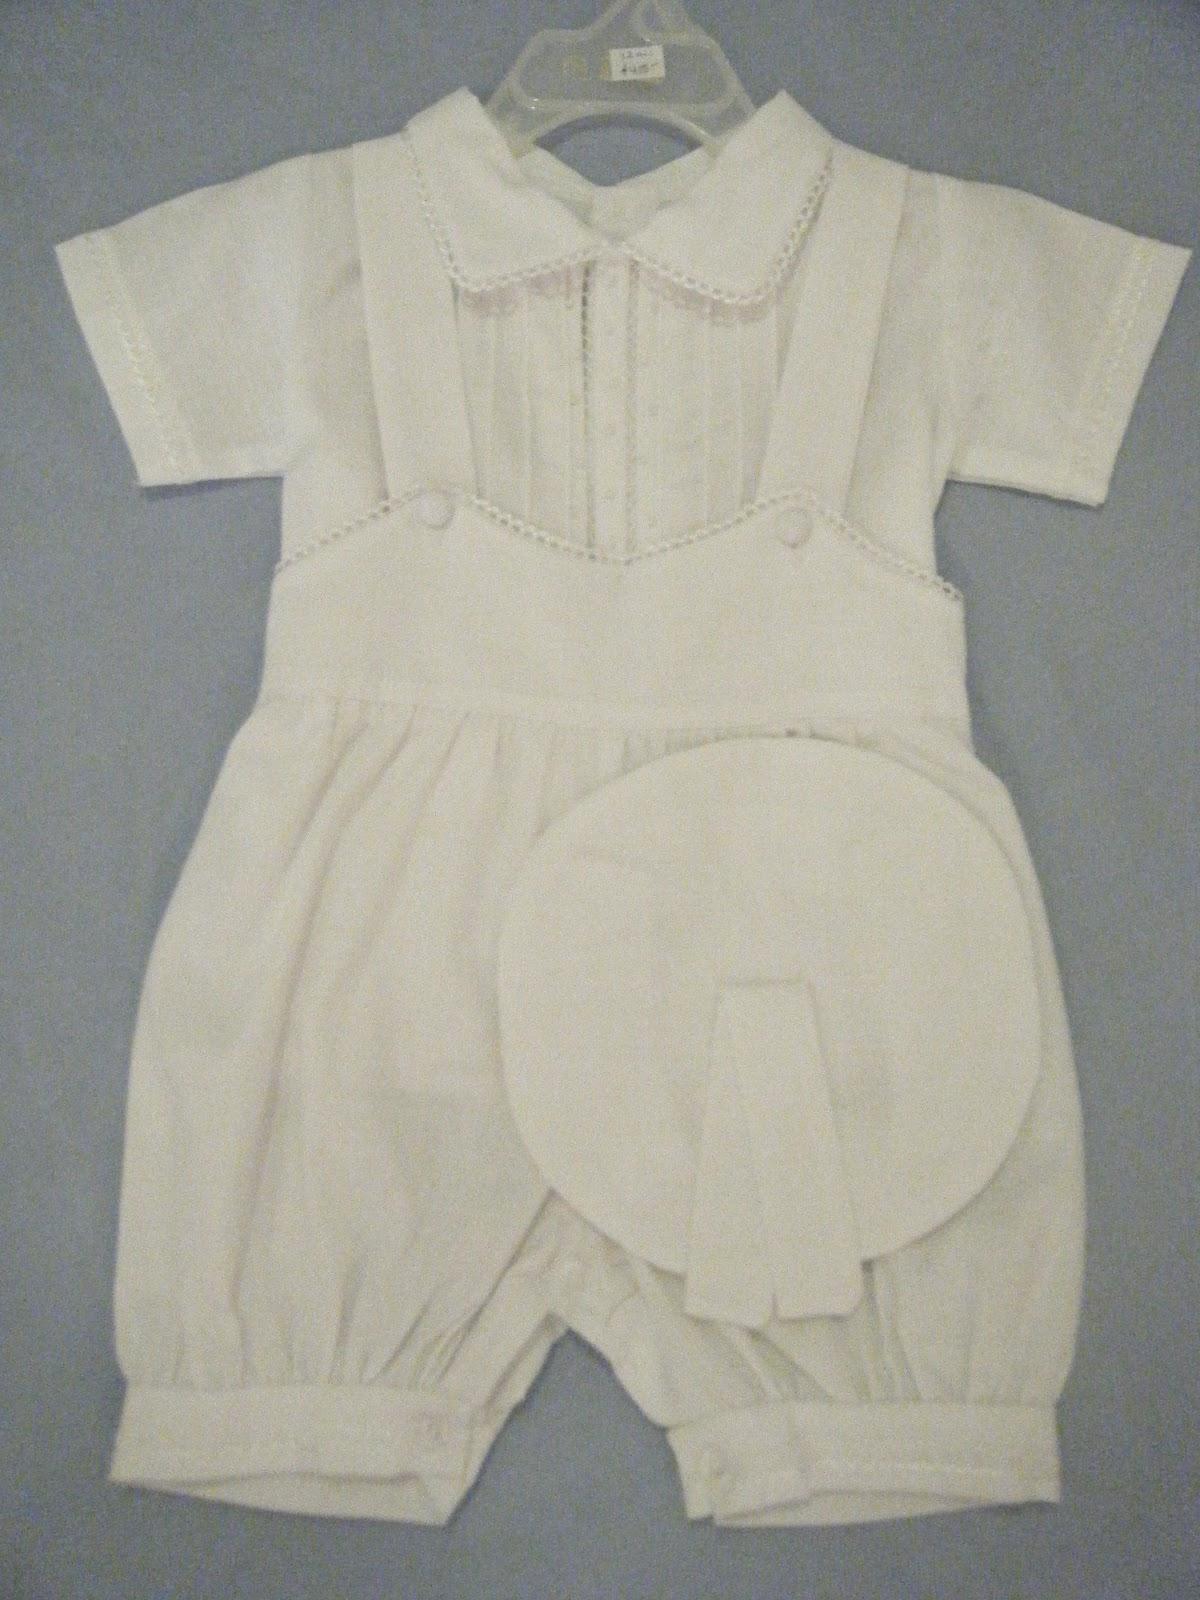 Hadaluz Boutique: Nuevos trajes para bautizo.